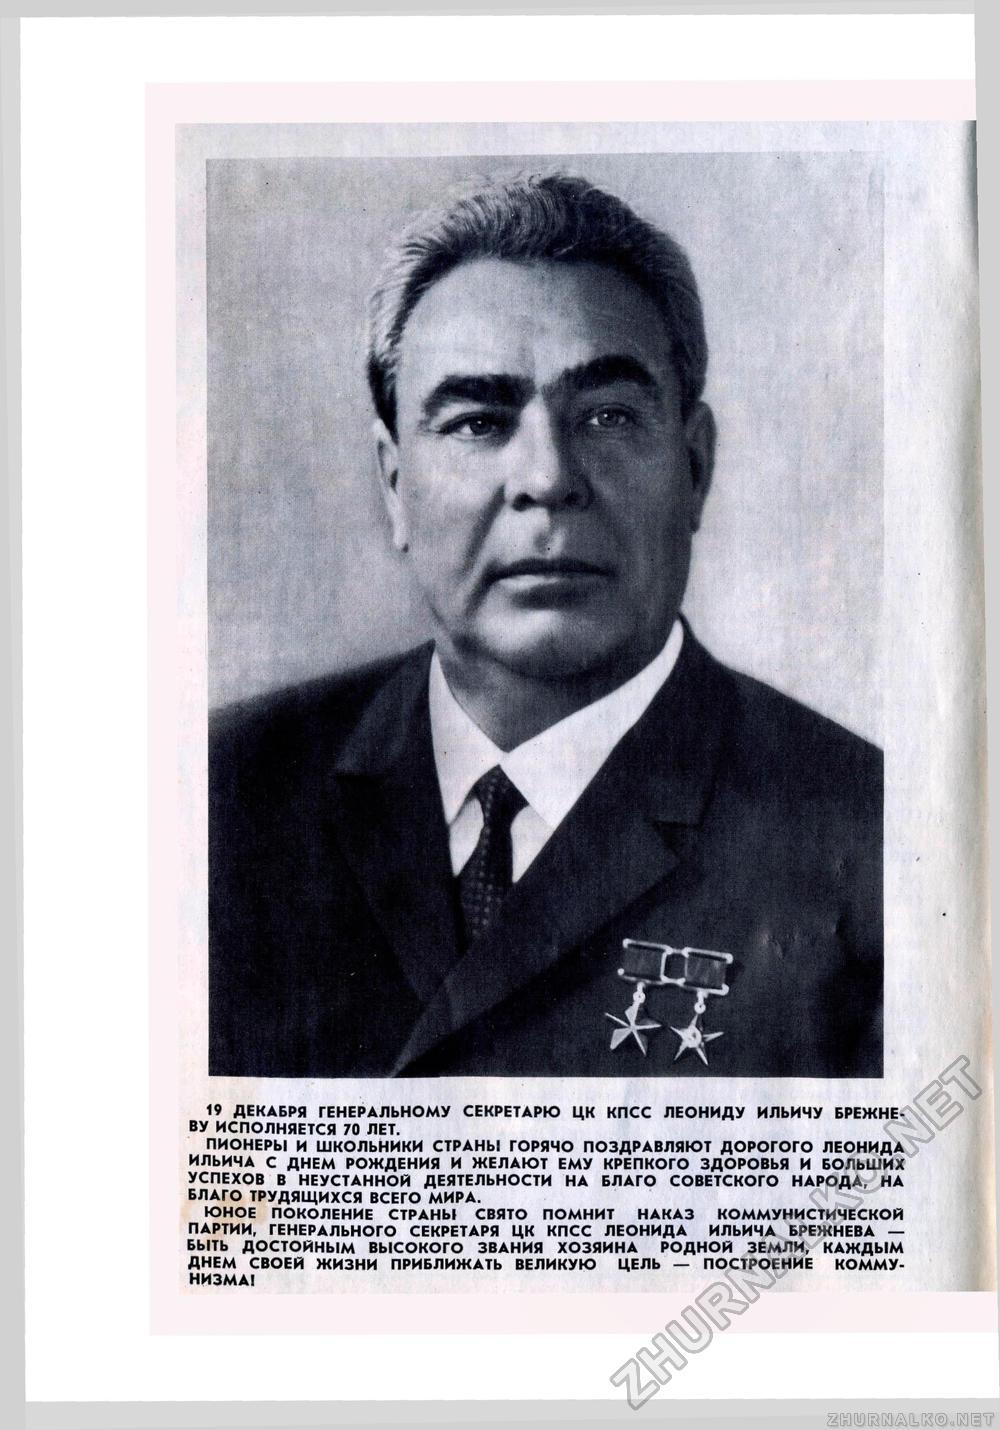 Генеральный секретарь цк кпсс, первый президент ссср михаил сергеевич горбачёв ( 978-5-87107-933-1